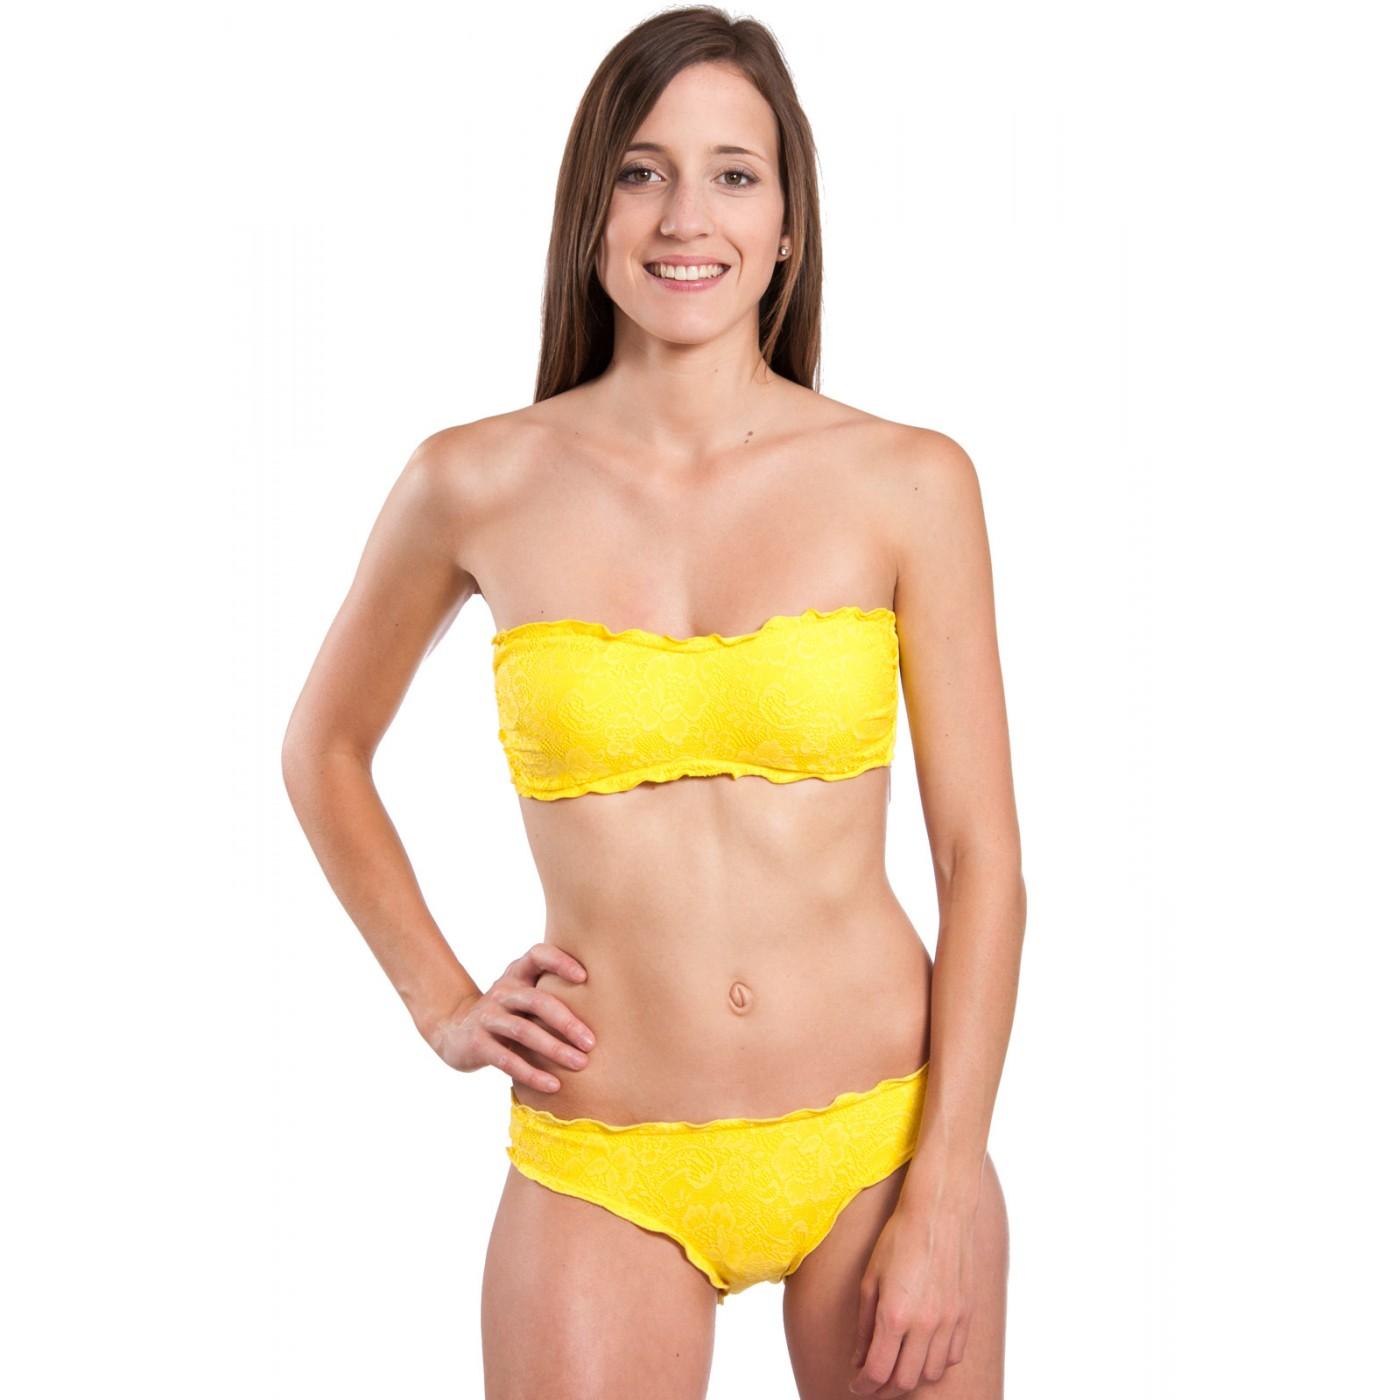 Et Bain 2 Beachwear Jaune Dentelle Solymar Maillot Bandeau Pièces De KJTFcl1